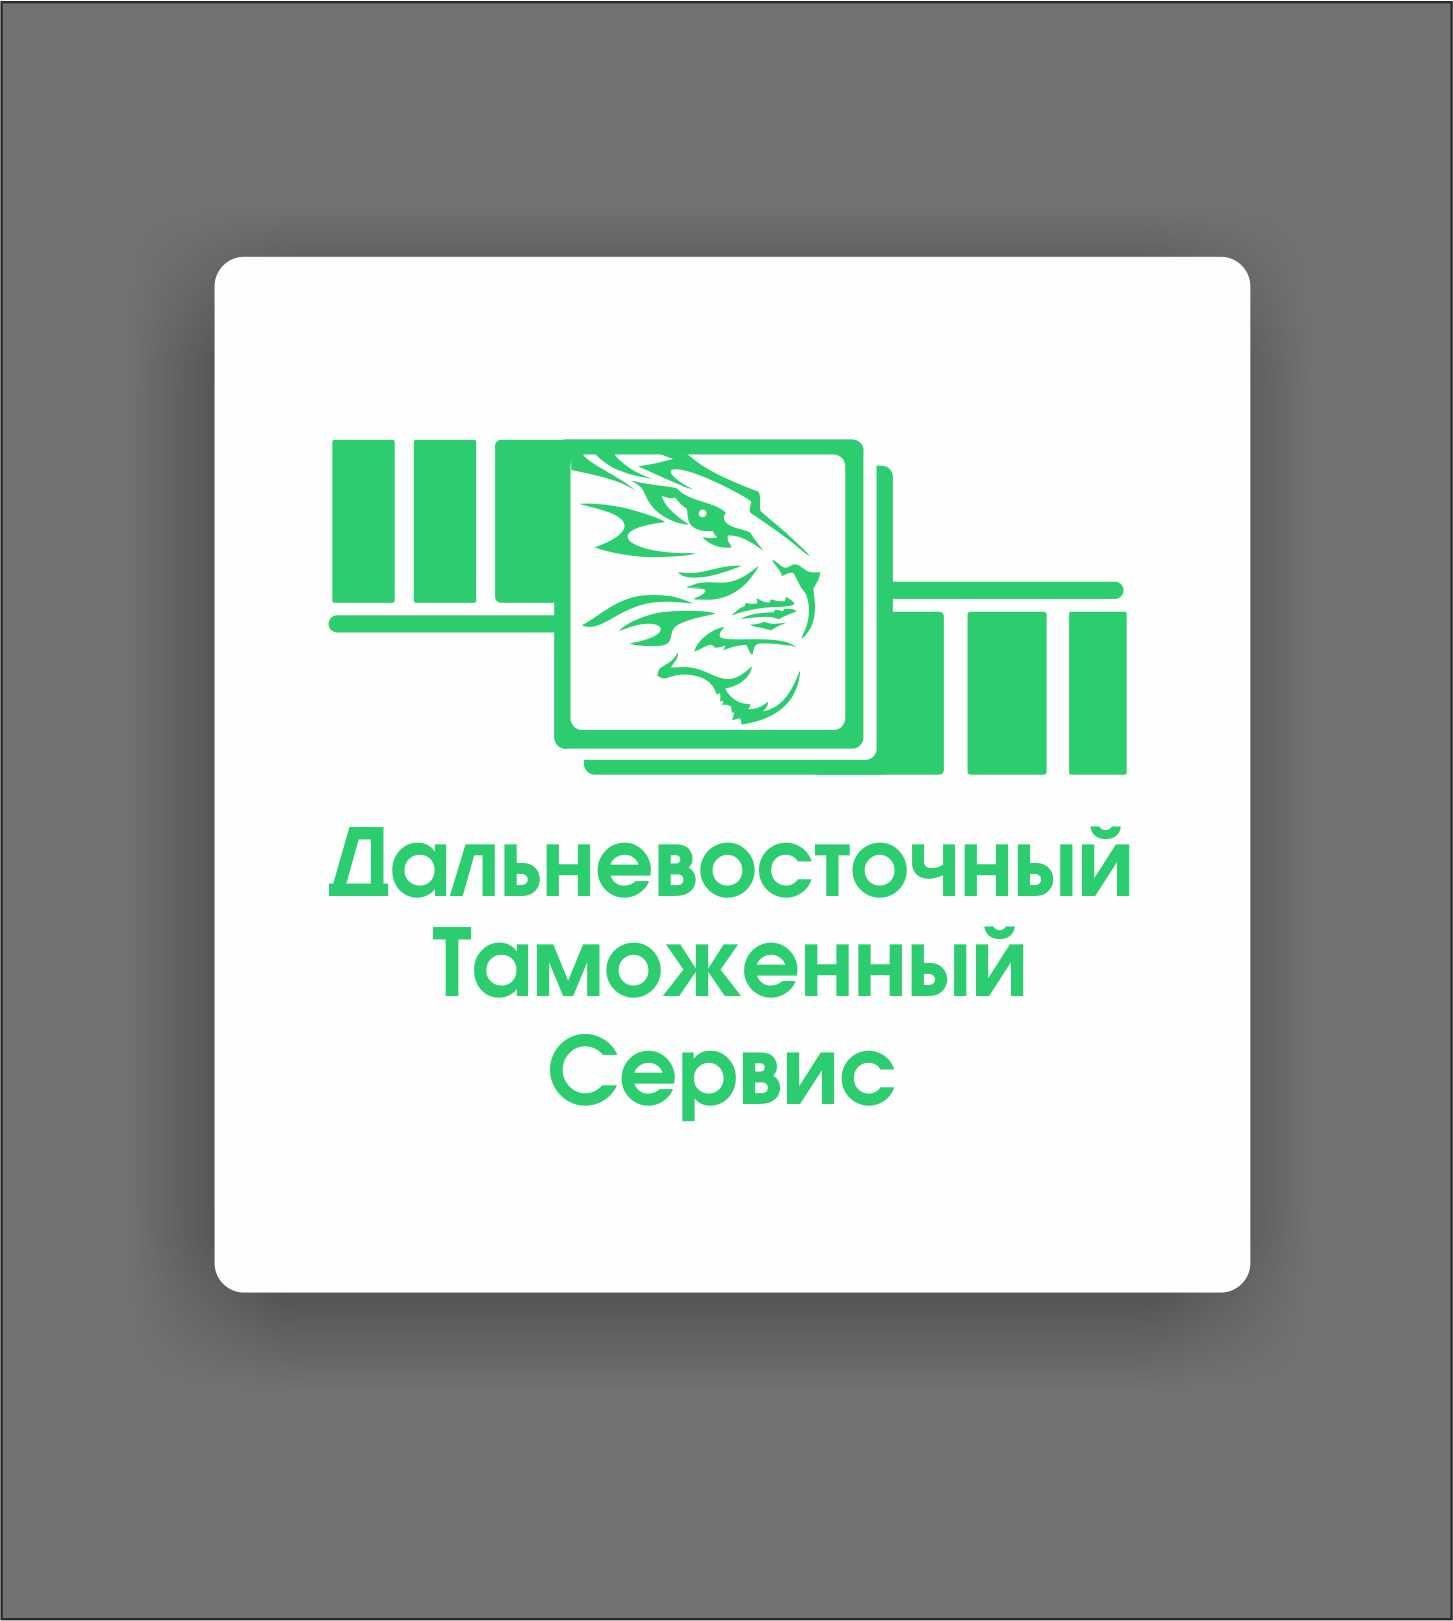 Логотип знак фирменные цвета для компании ДВТС   - дизайнер kibersample